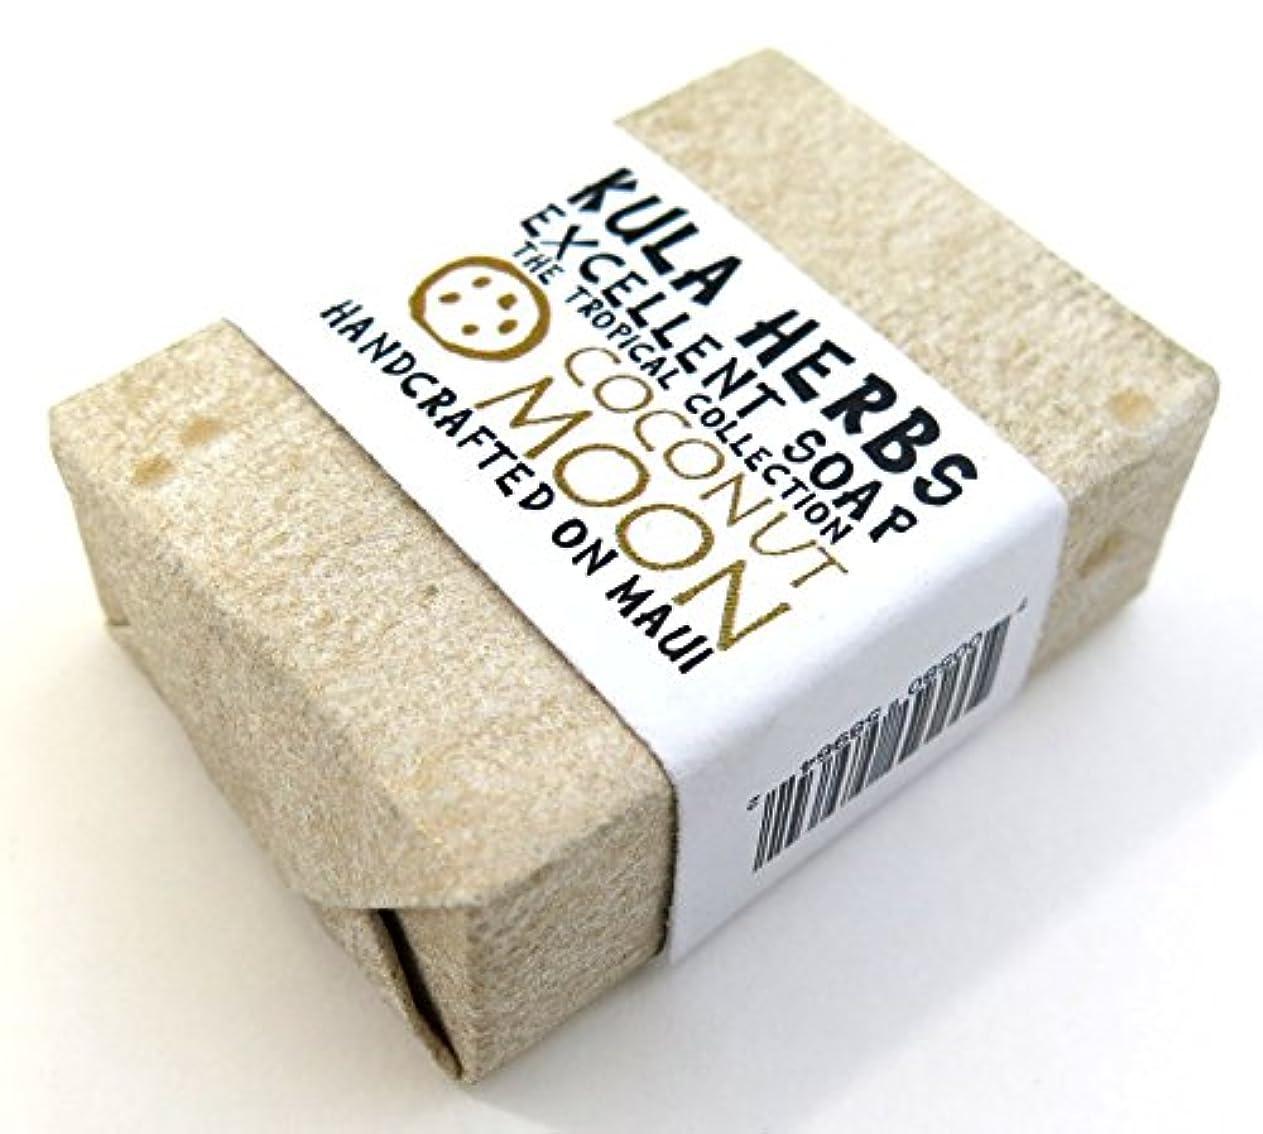 無駄だコンプライアンス変数ハワイ お土産 ハワイアン雑貨 クラハーブス エクセレント ソープ 石鹸 30g (ココナッツ)